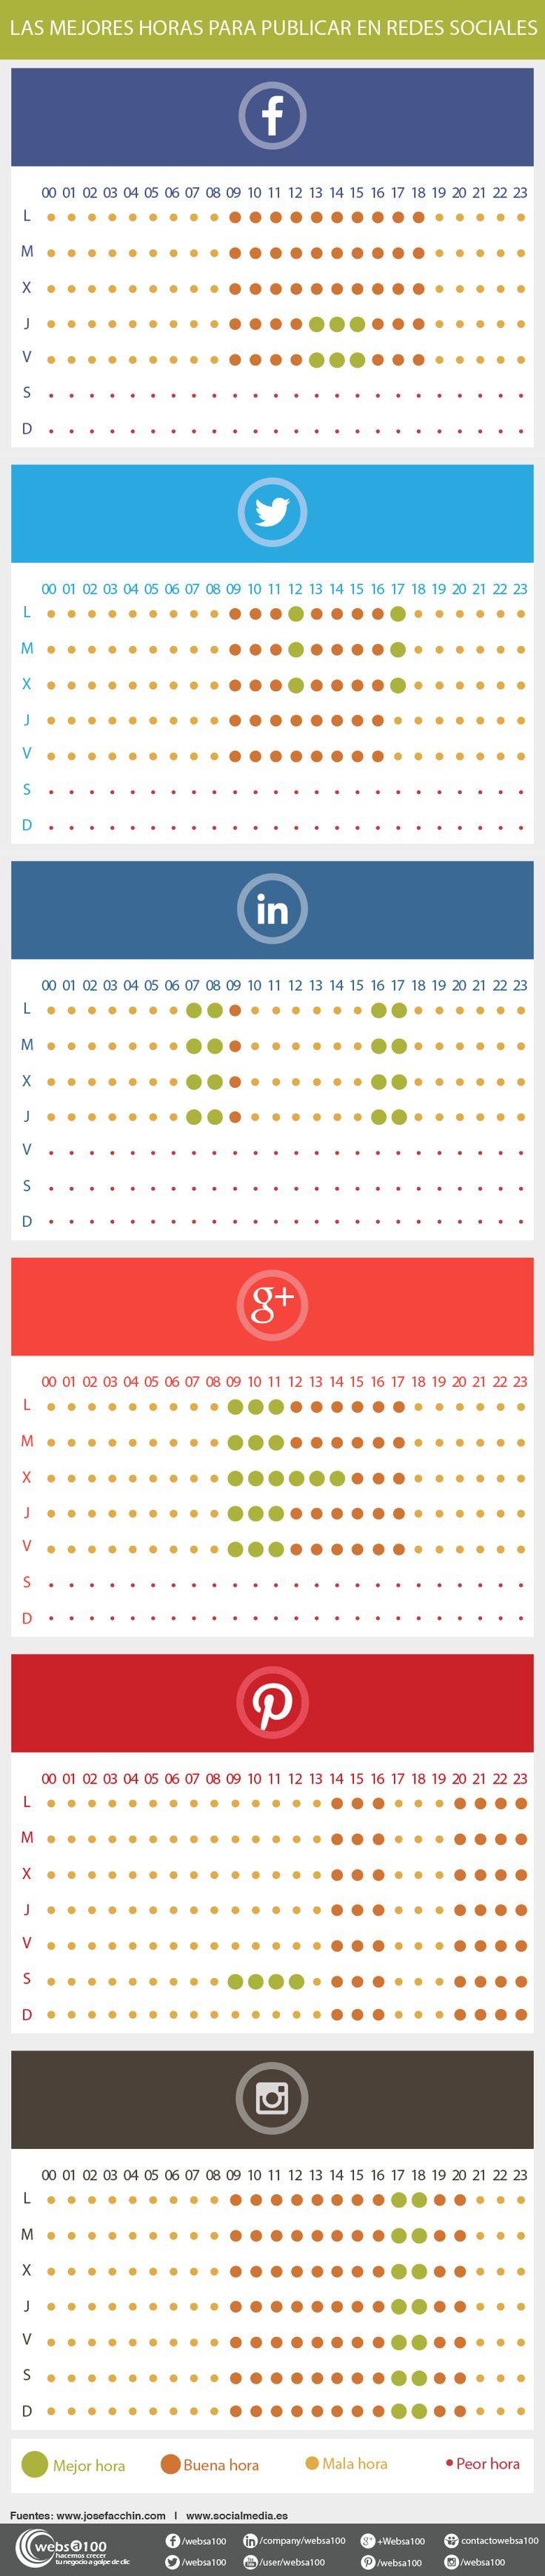 #Infografía con las mejores horas para publicar en redes sociales